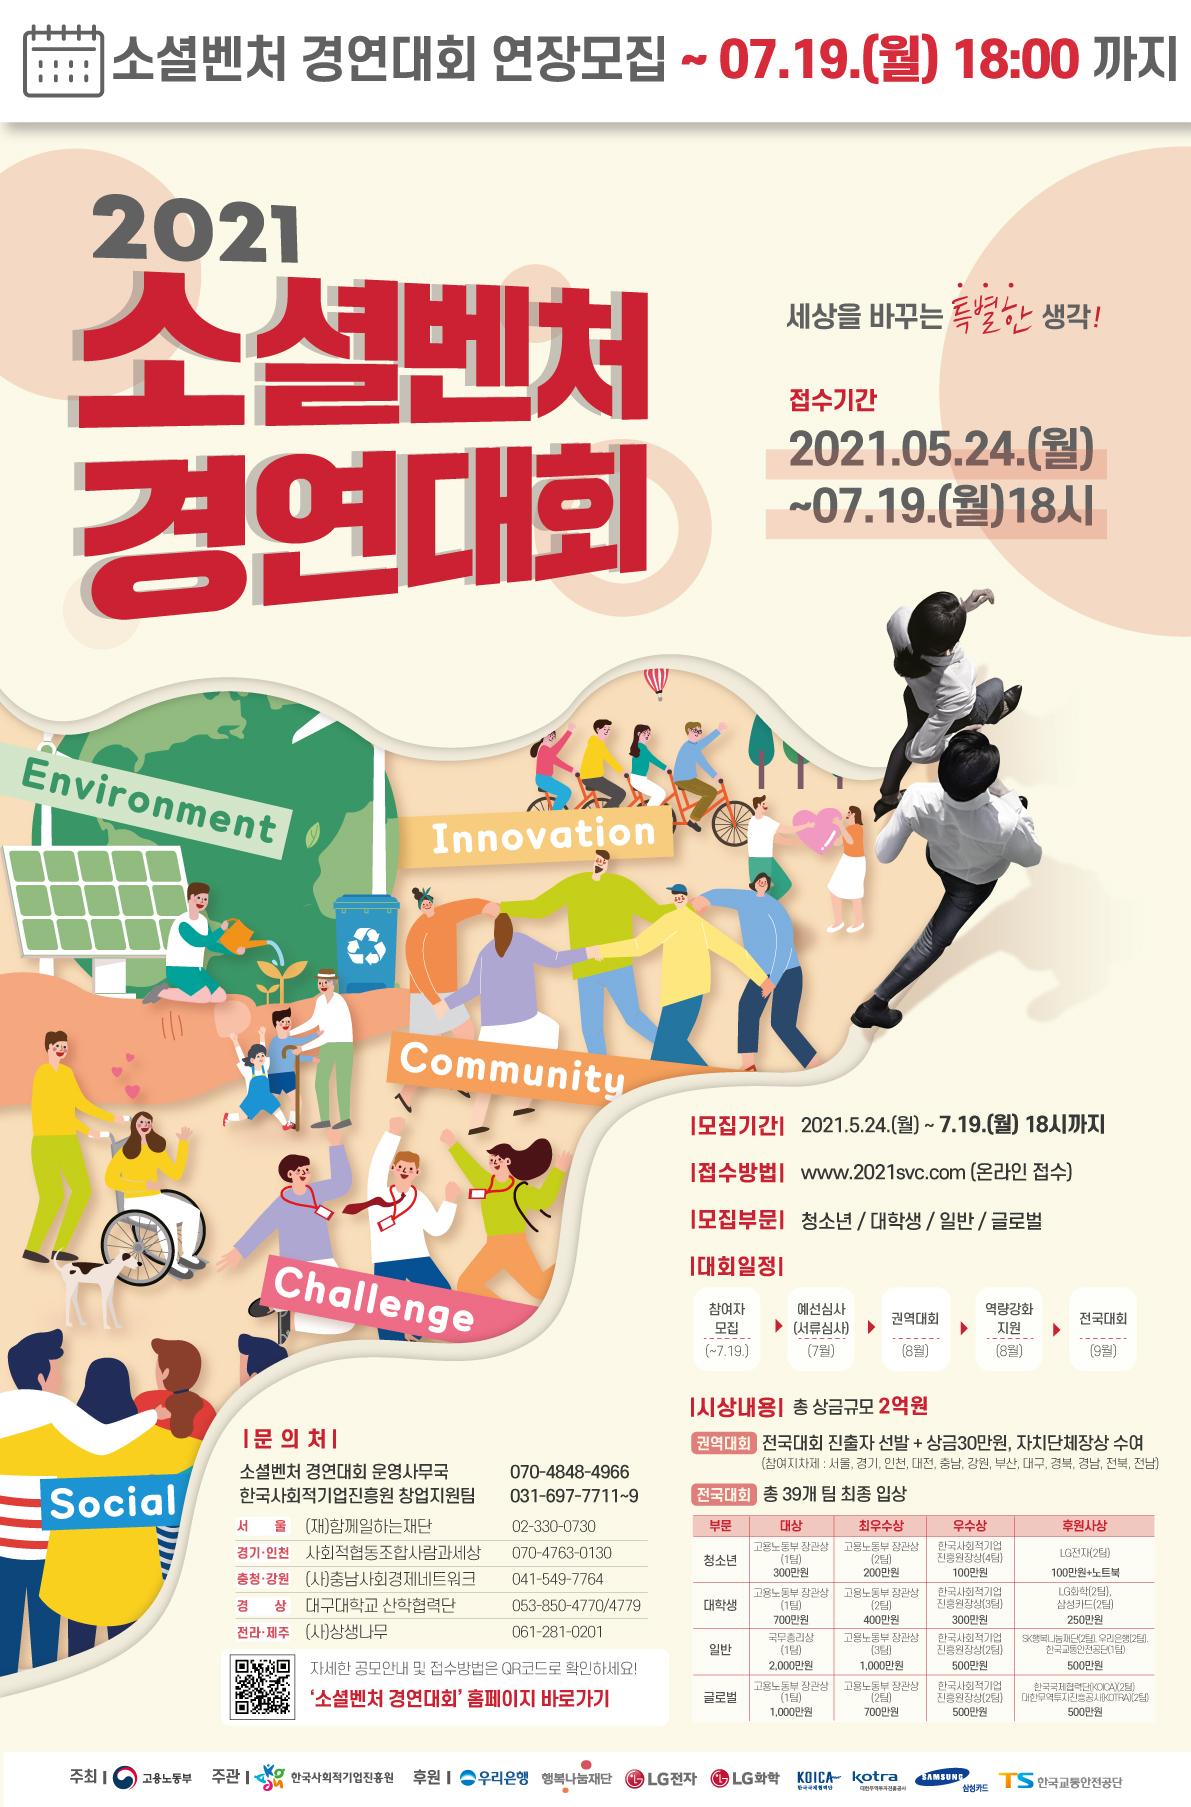 [부산디자인진흥원] 2021 소셜벤처 경연대회 참가자 모집 연장 공고